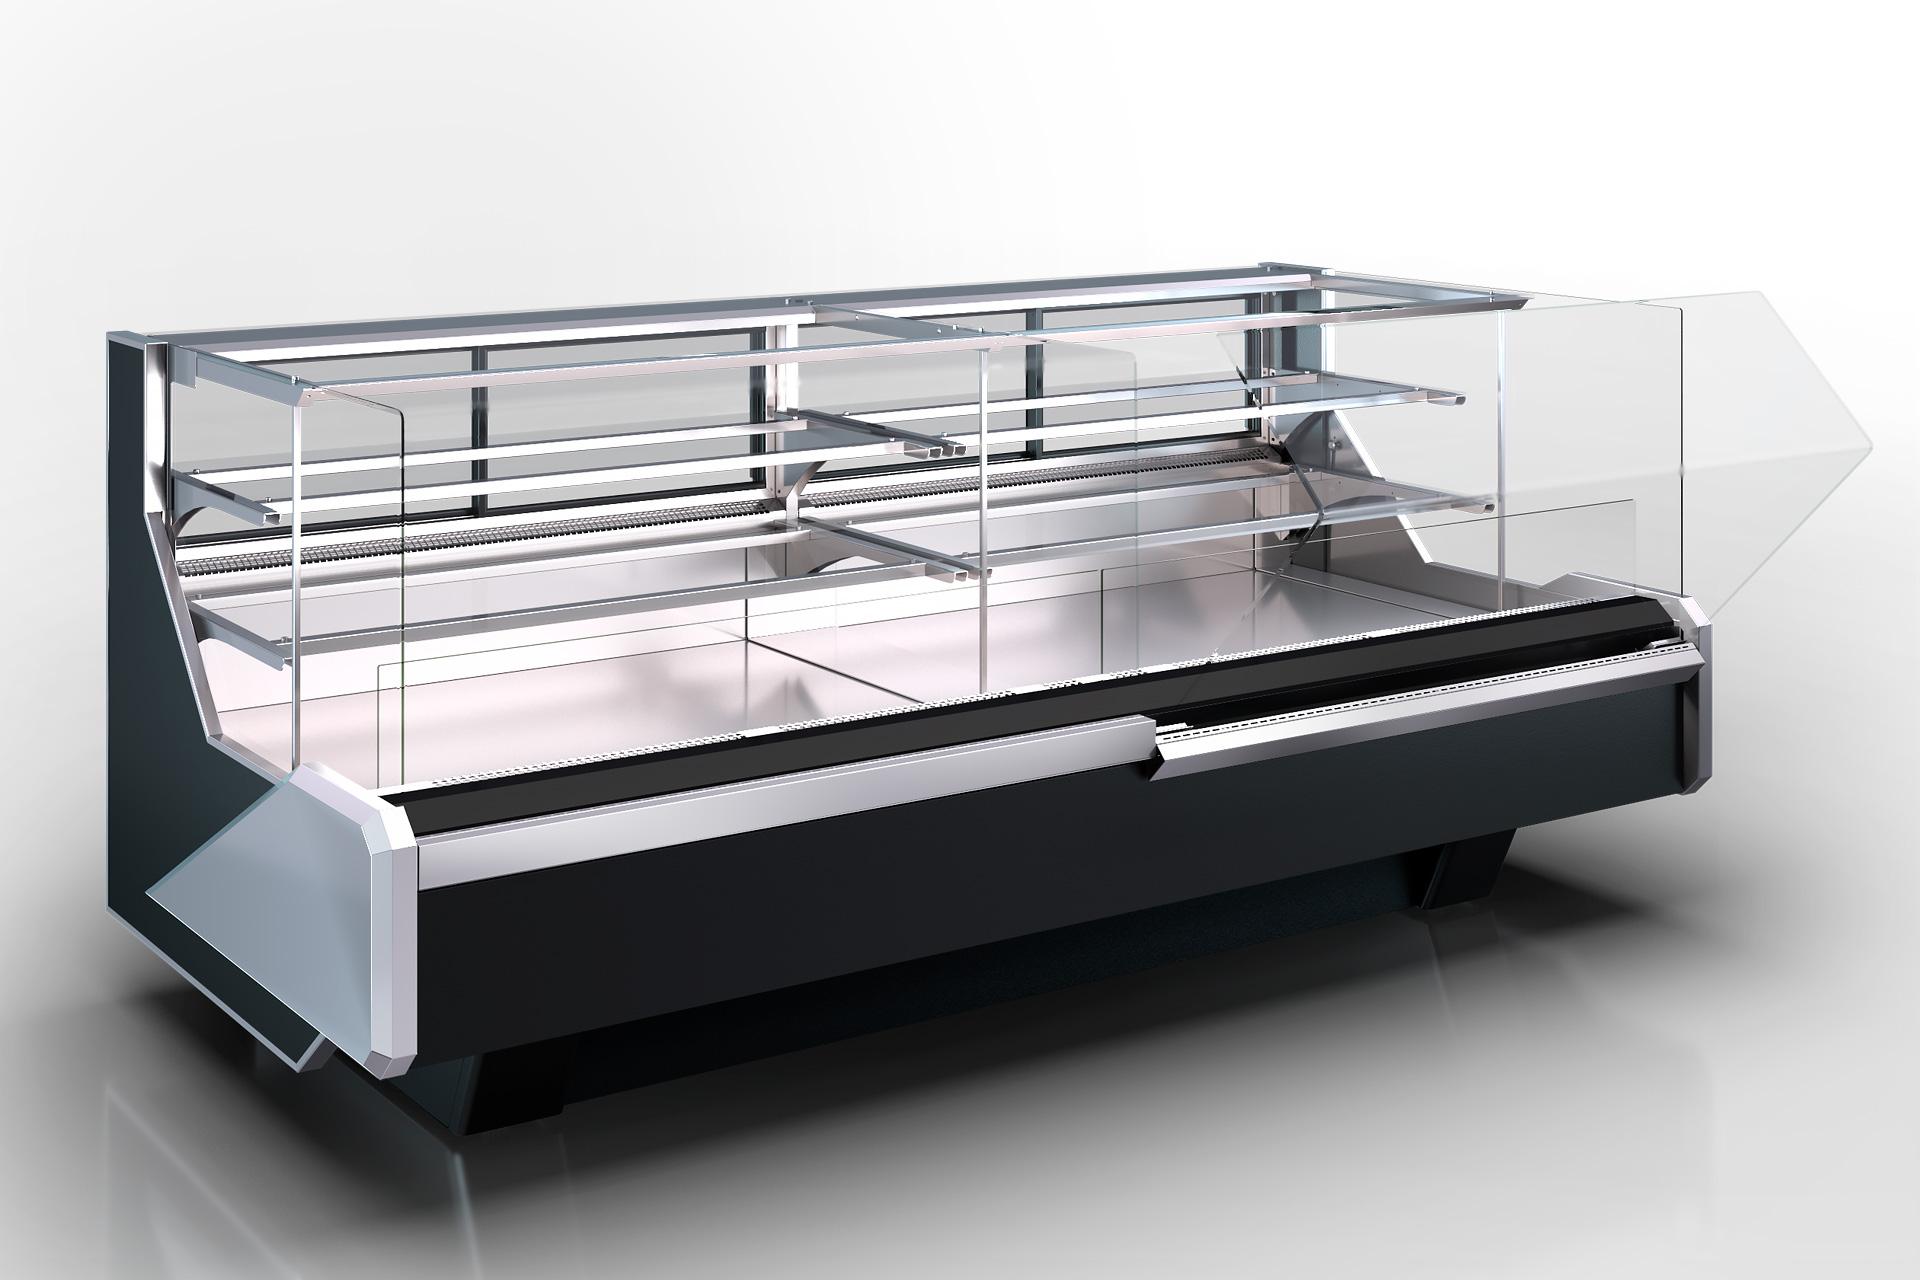 Холодильна вітрина Missouri enigma MC 122 patisserie OS 115-DLM